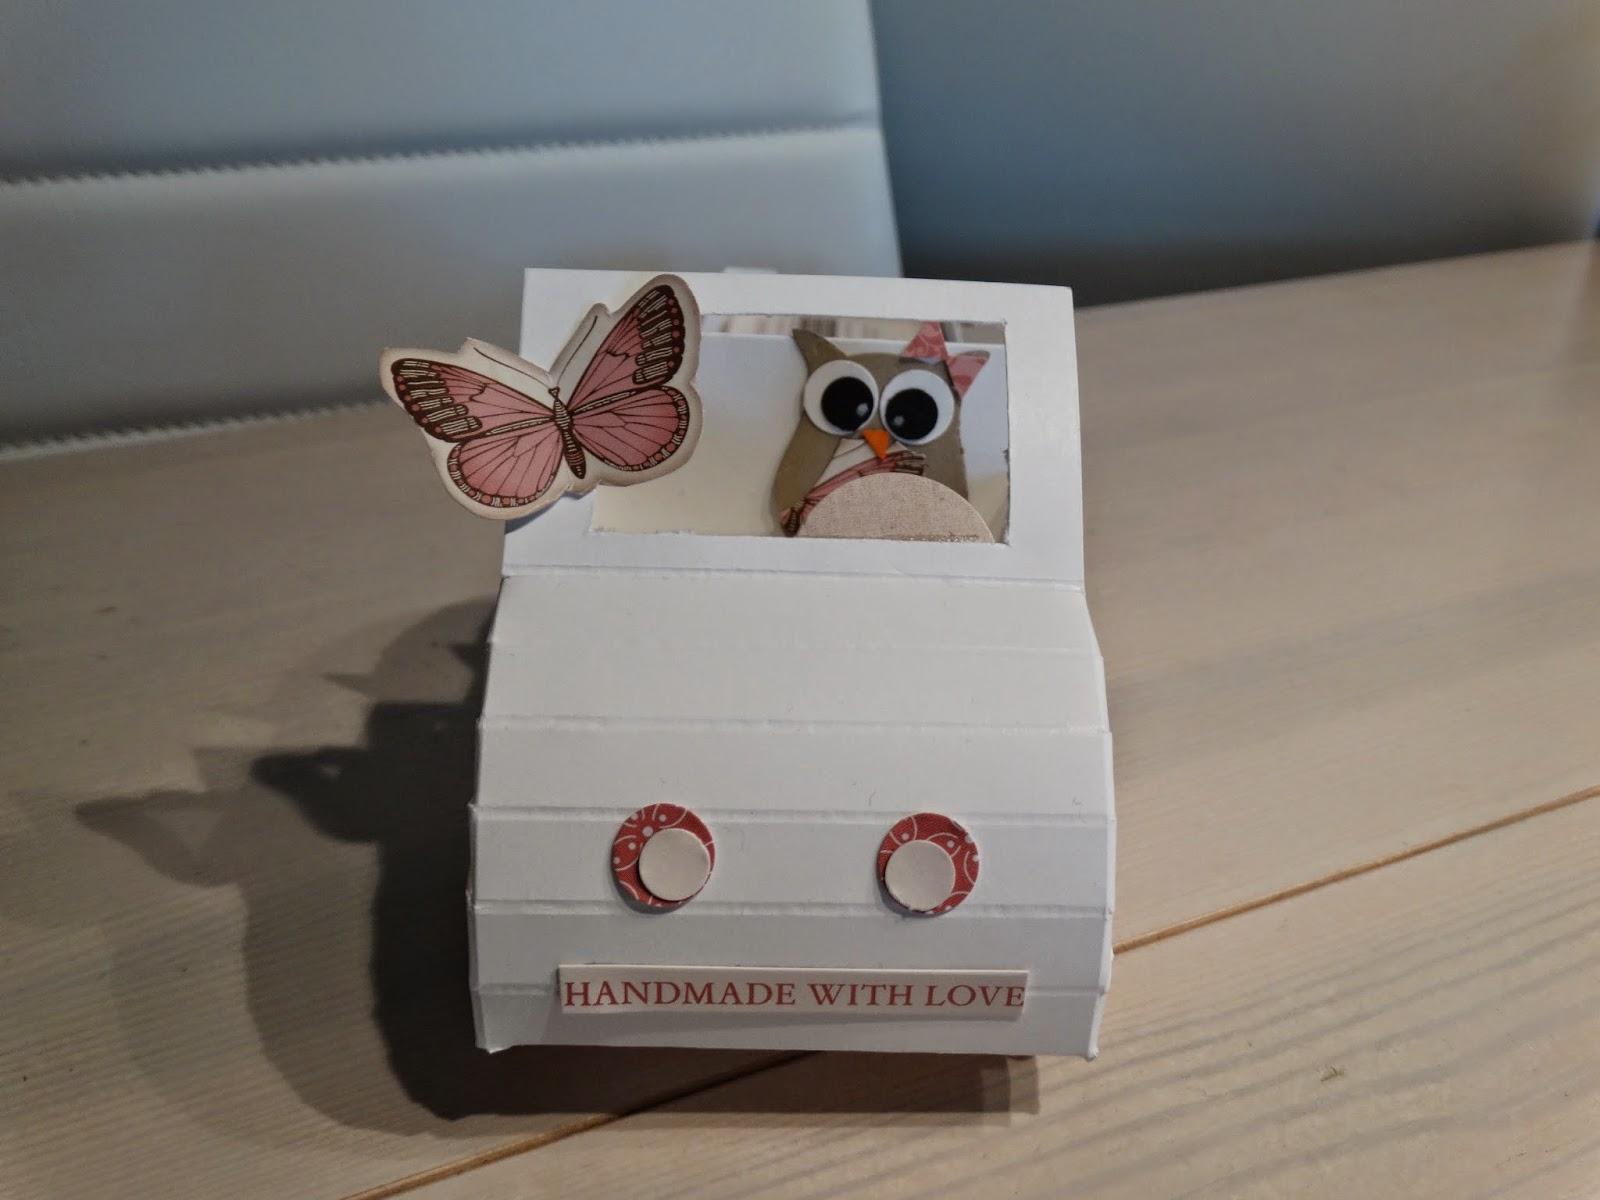 Handmade With Love Visitenkartenhalter Mal Anders